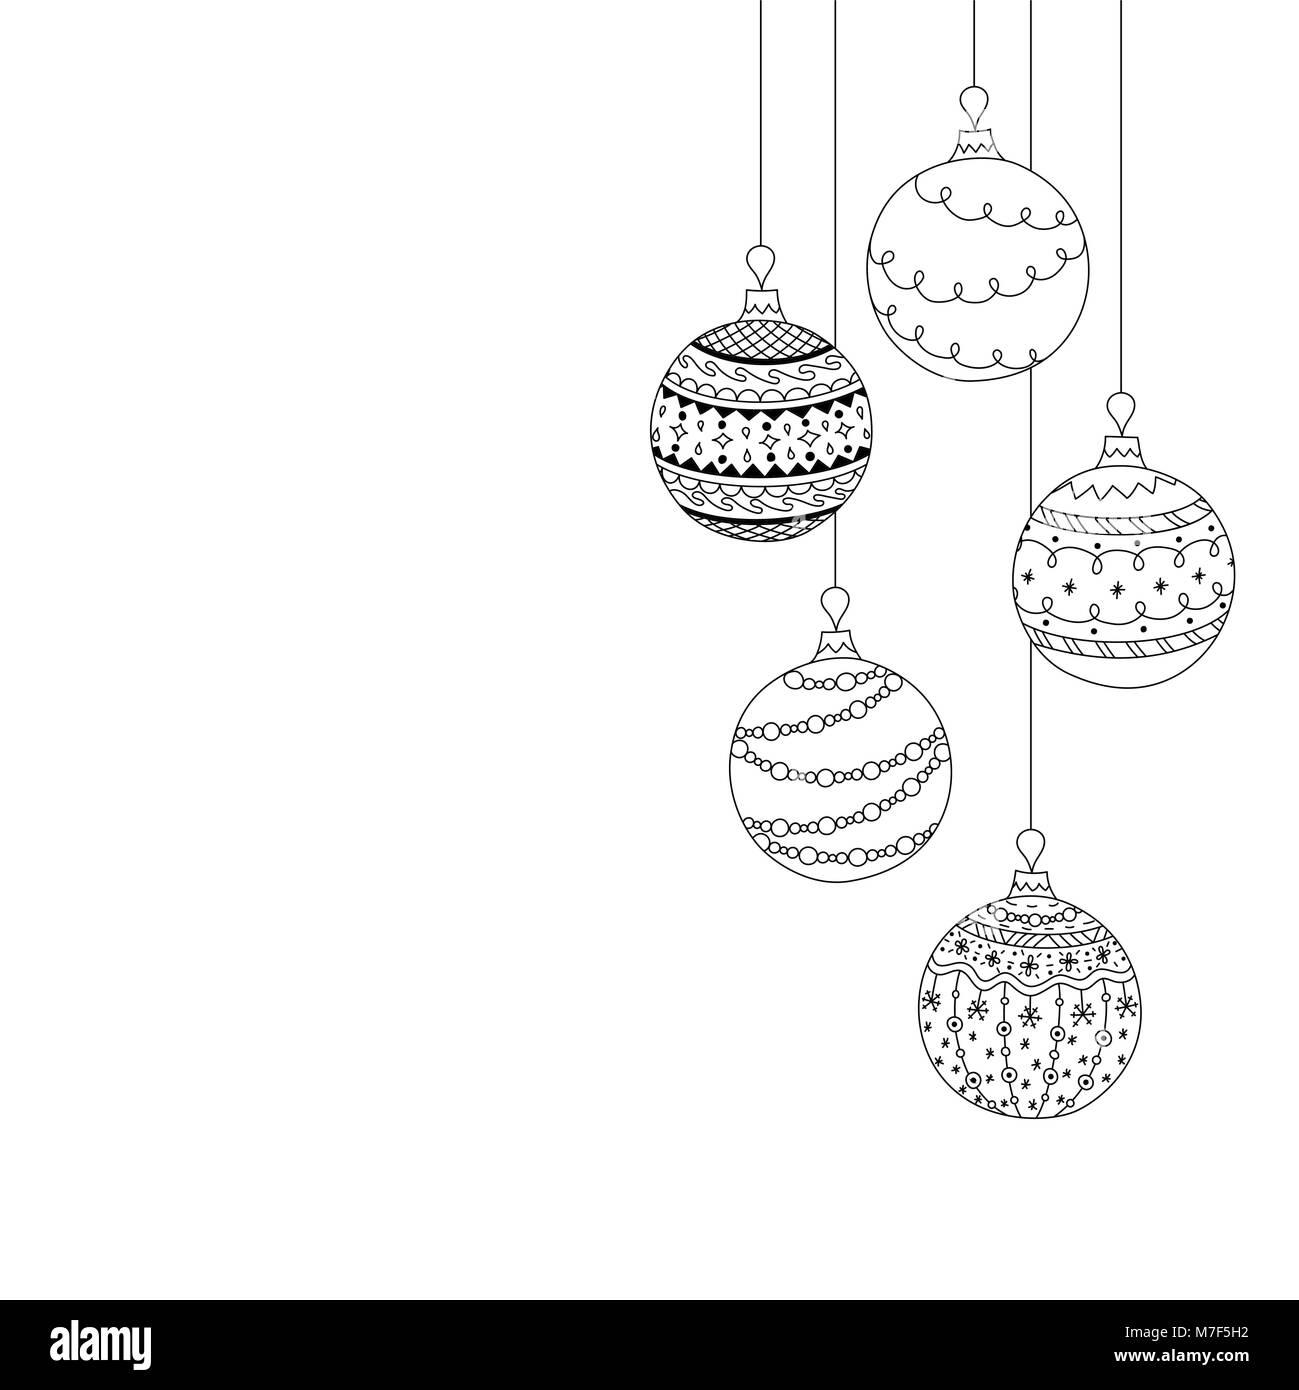 Bolas De Navidad Dibujos Para Colorear.Tarjeta De Invitacion De Navidad Vectores De Cinco Bolas De